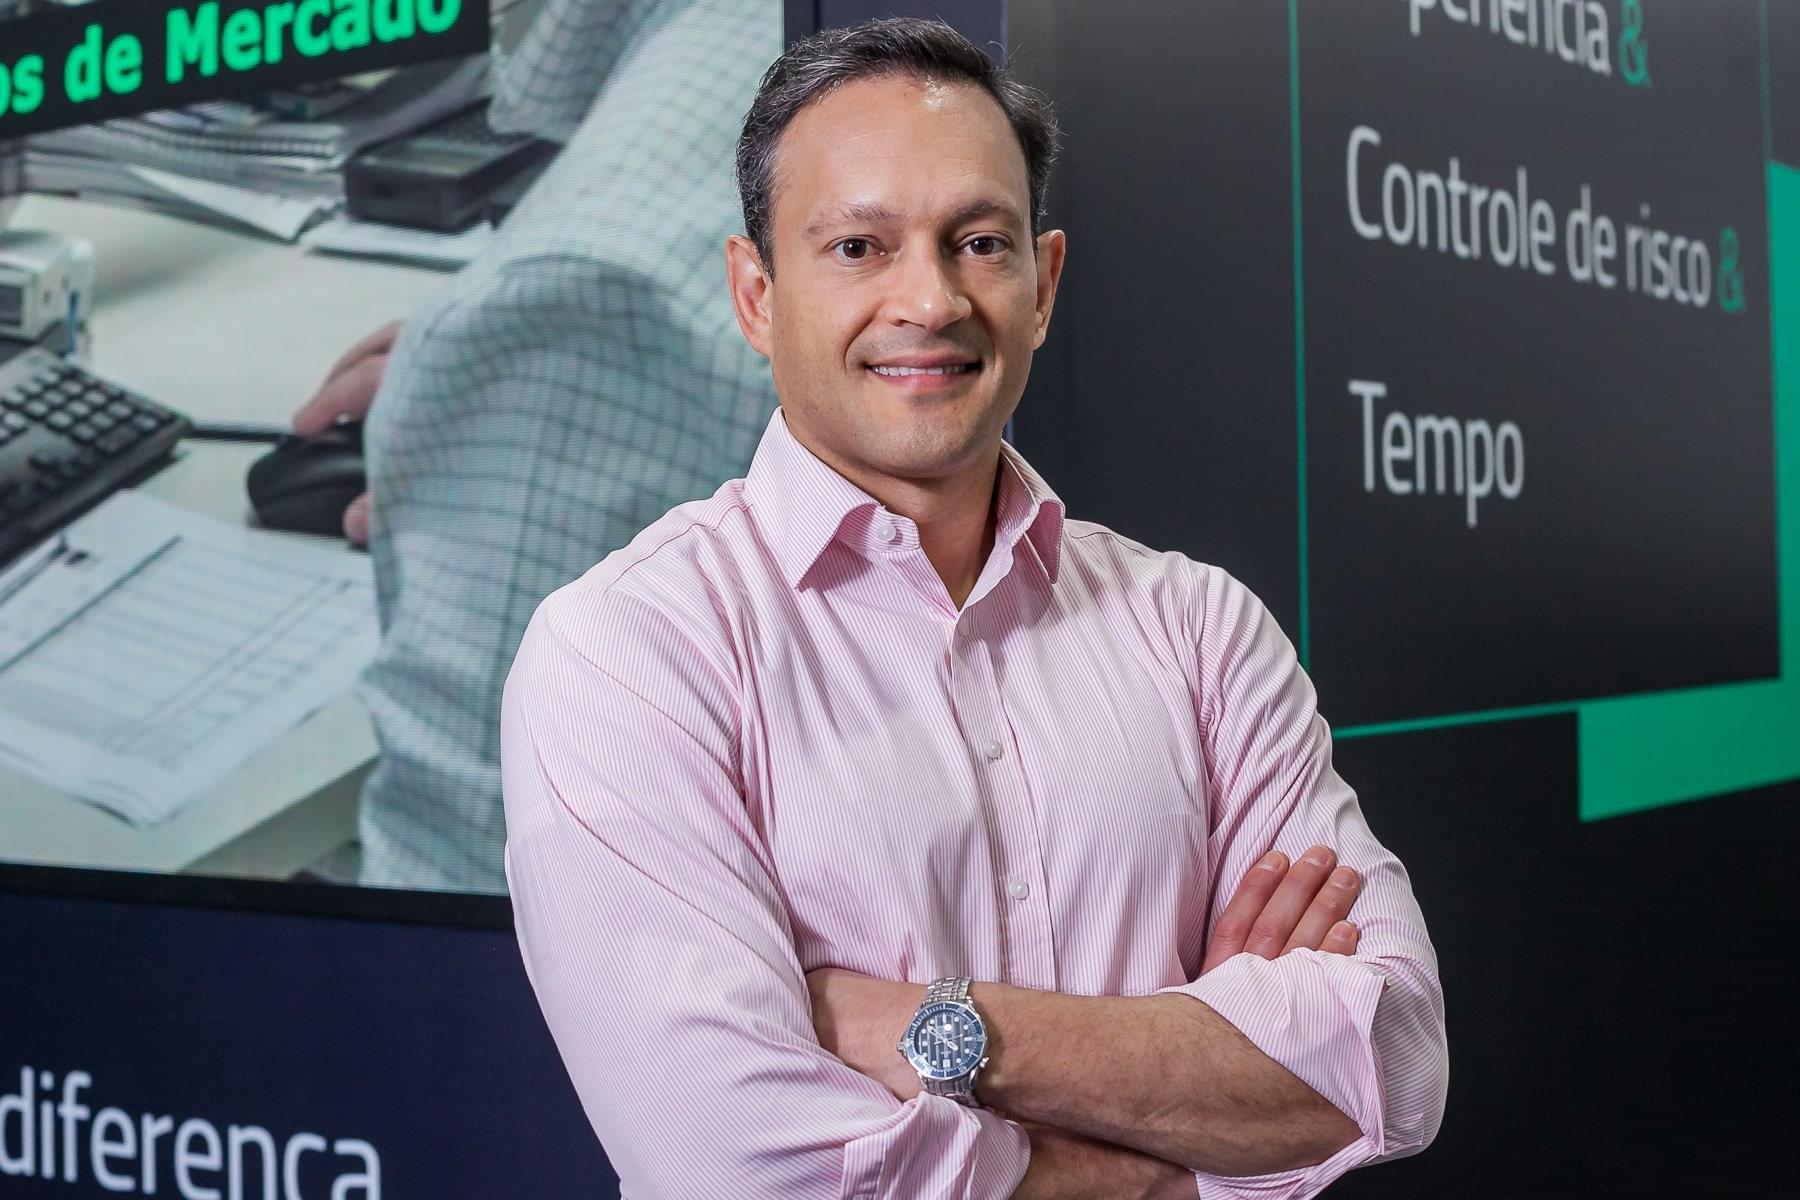 gestor da Equitas Luis Felipe Amaral